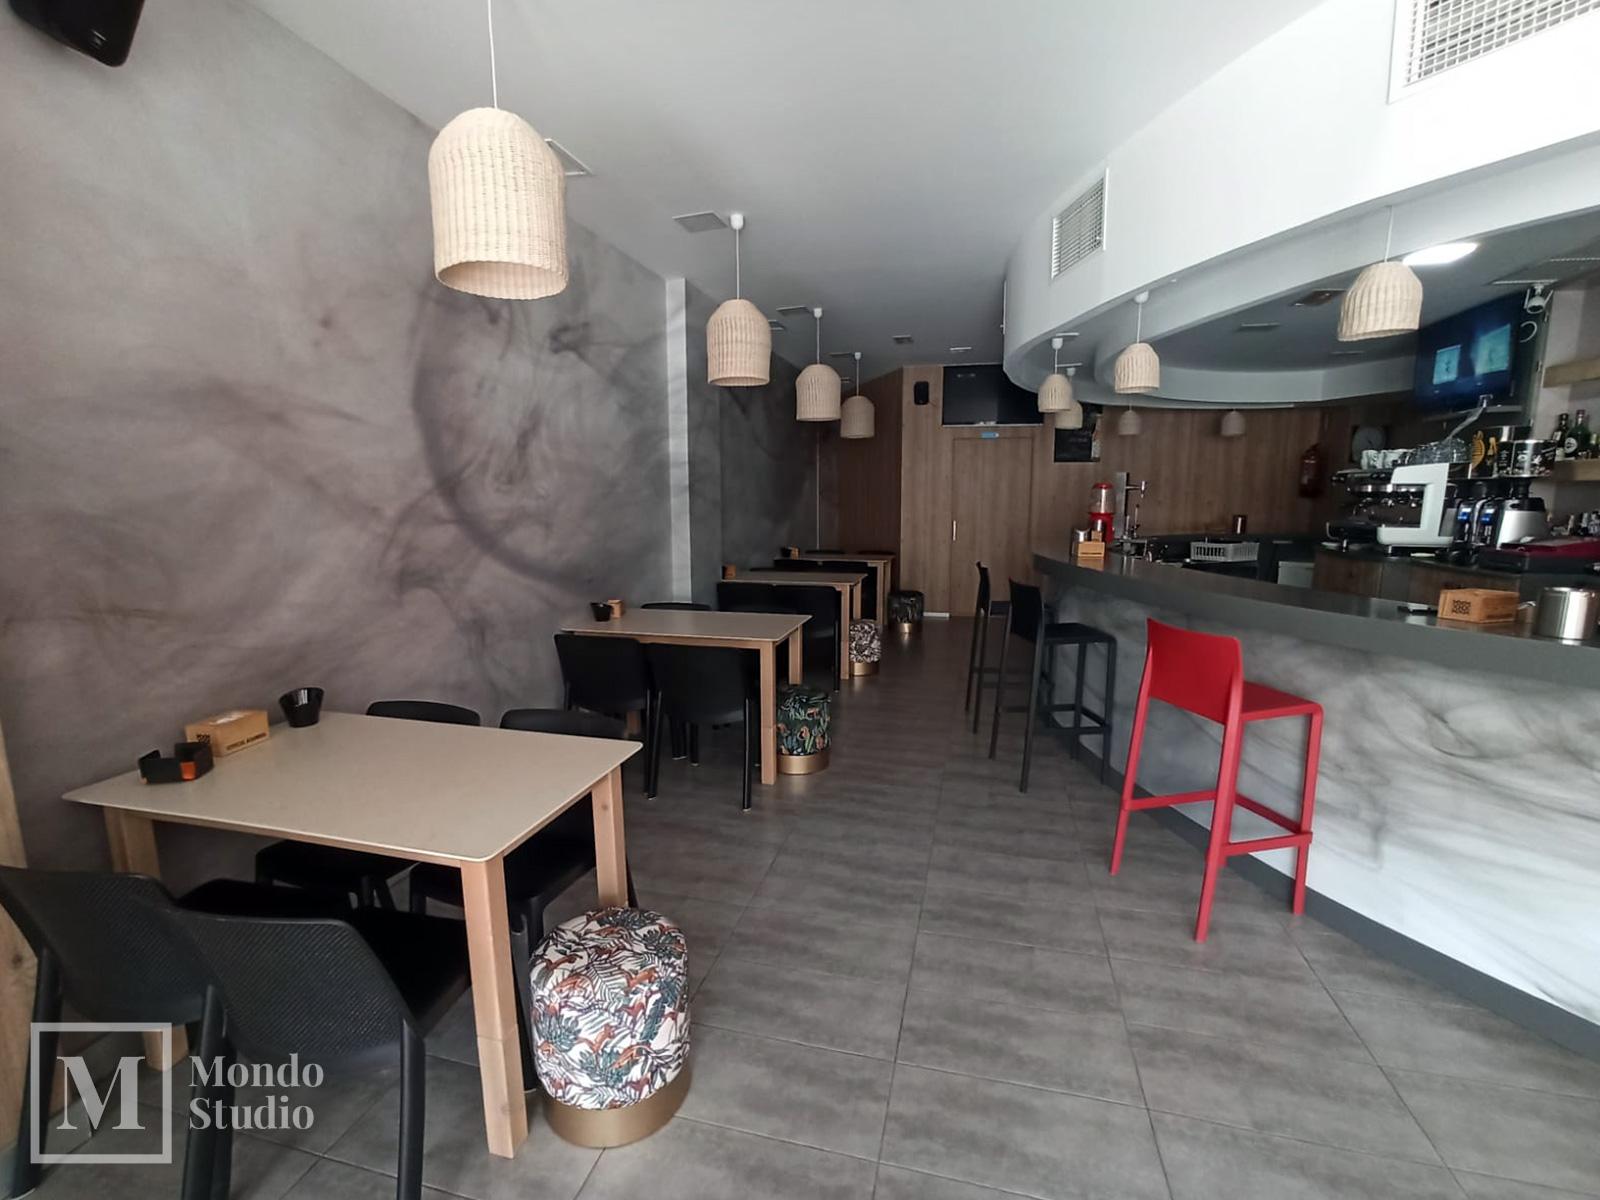 Arquitectura técnica e interiorismo. El Ejido - Almería